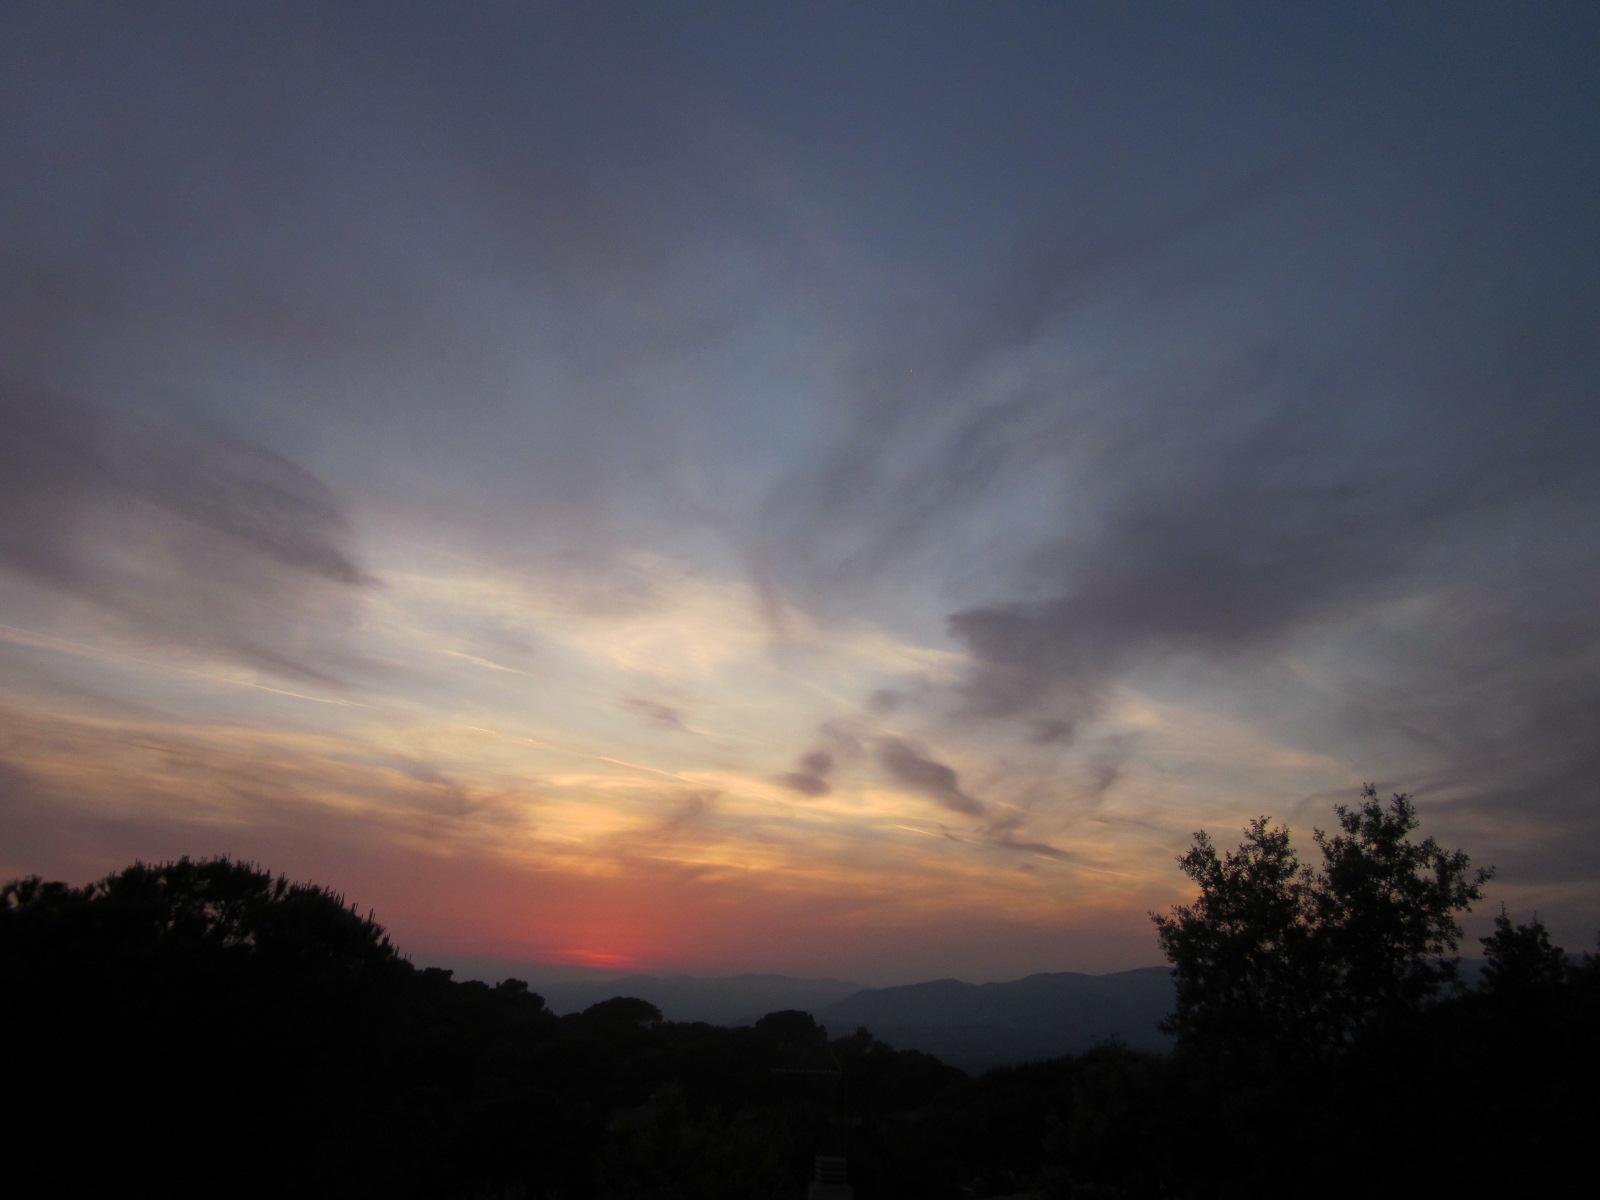 Pen lope aguarda en itaca puesta de sol s bado 26 mayo for Puesta de sol